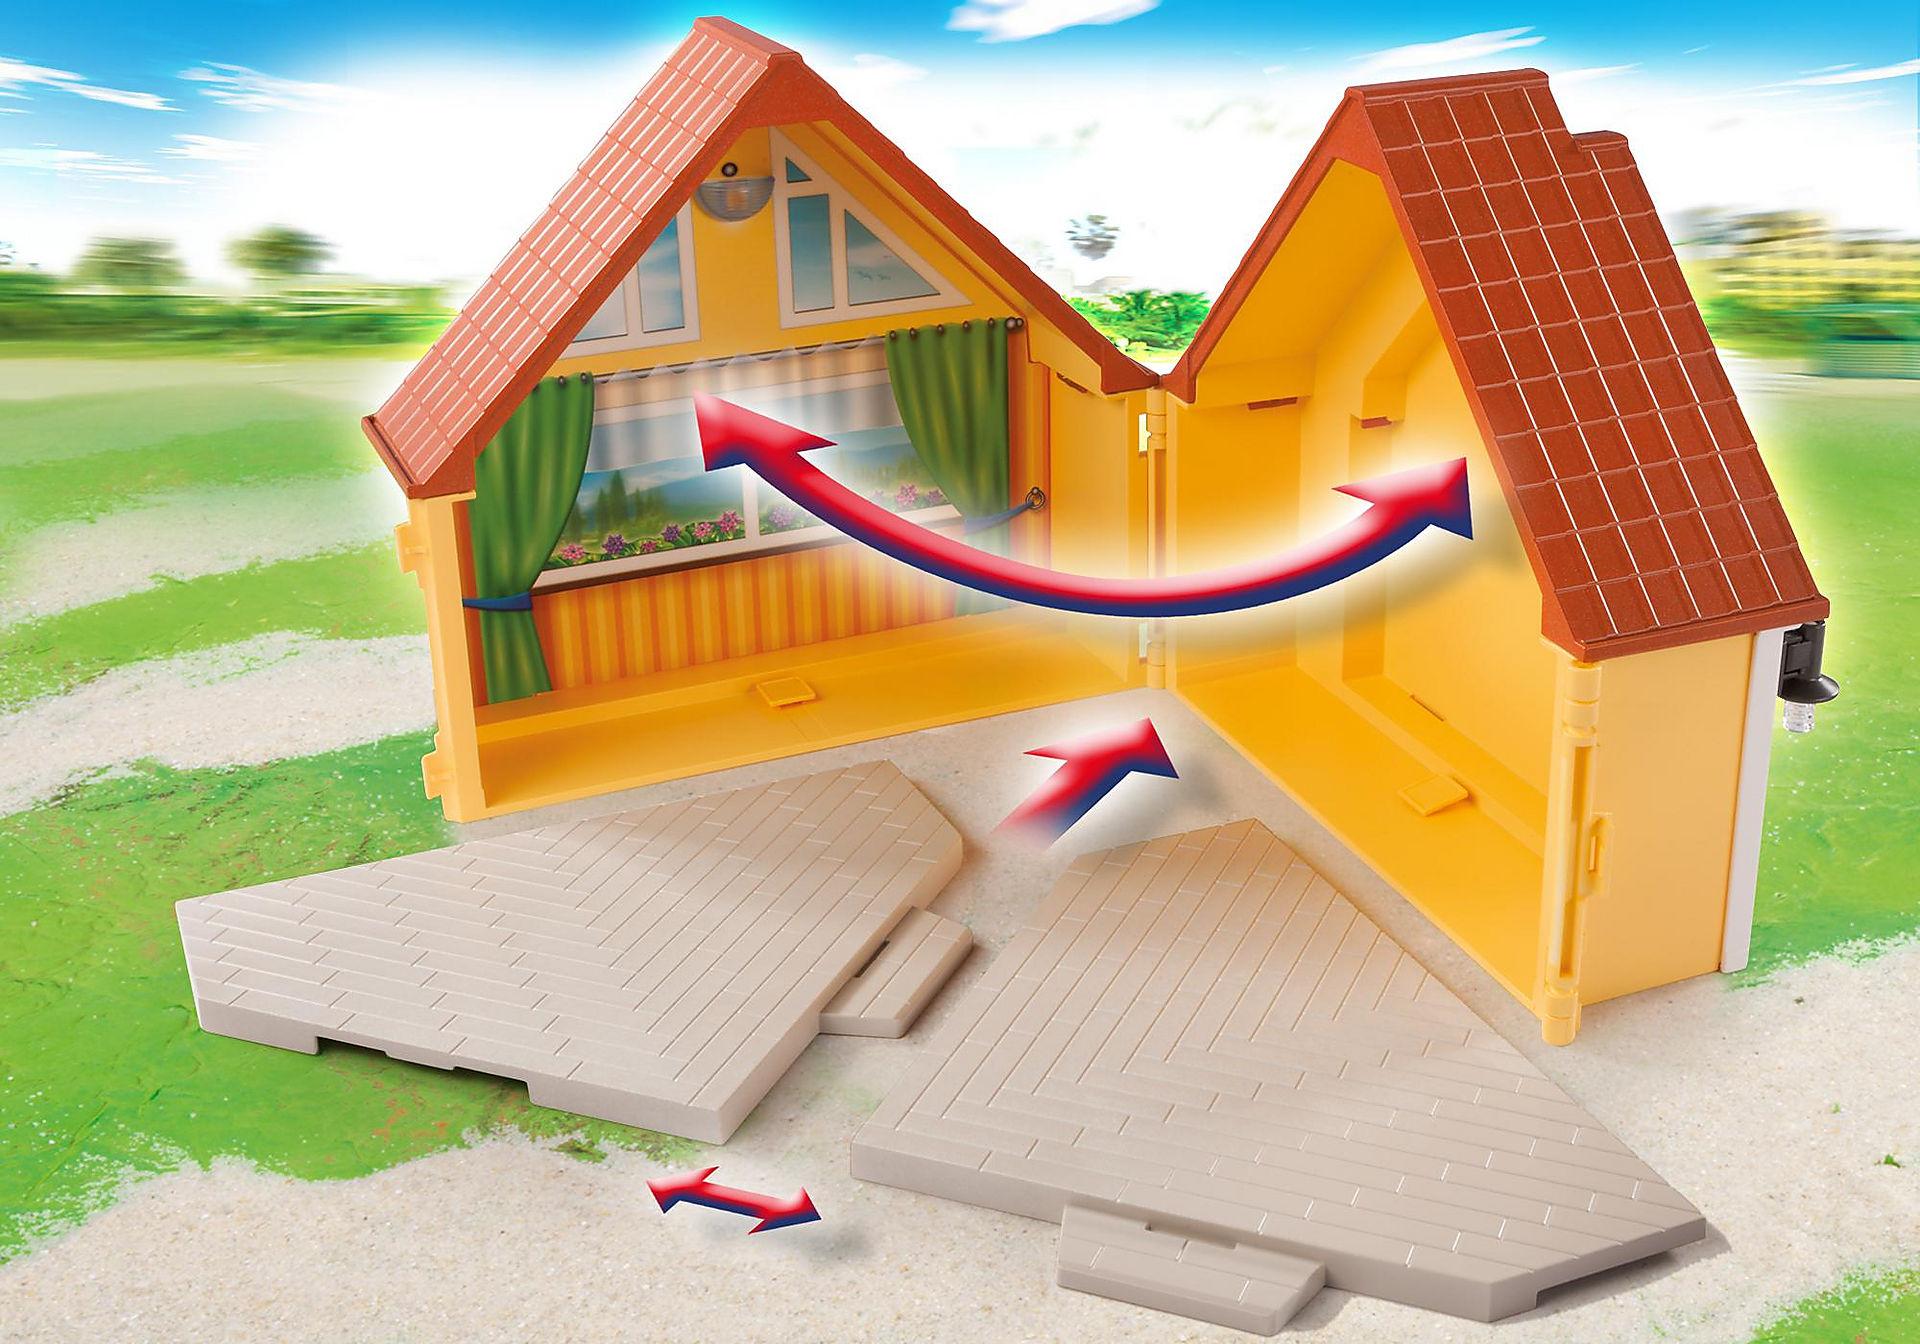 6020 Casa delle vacanze portatile zoom image5